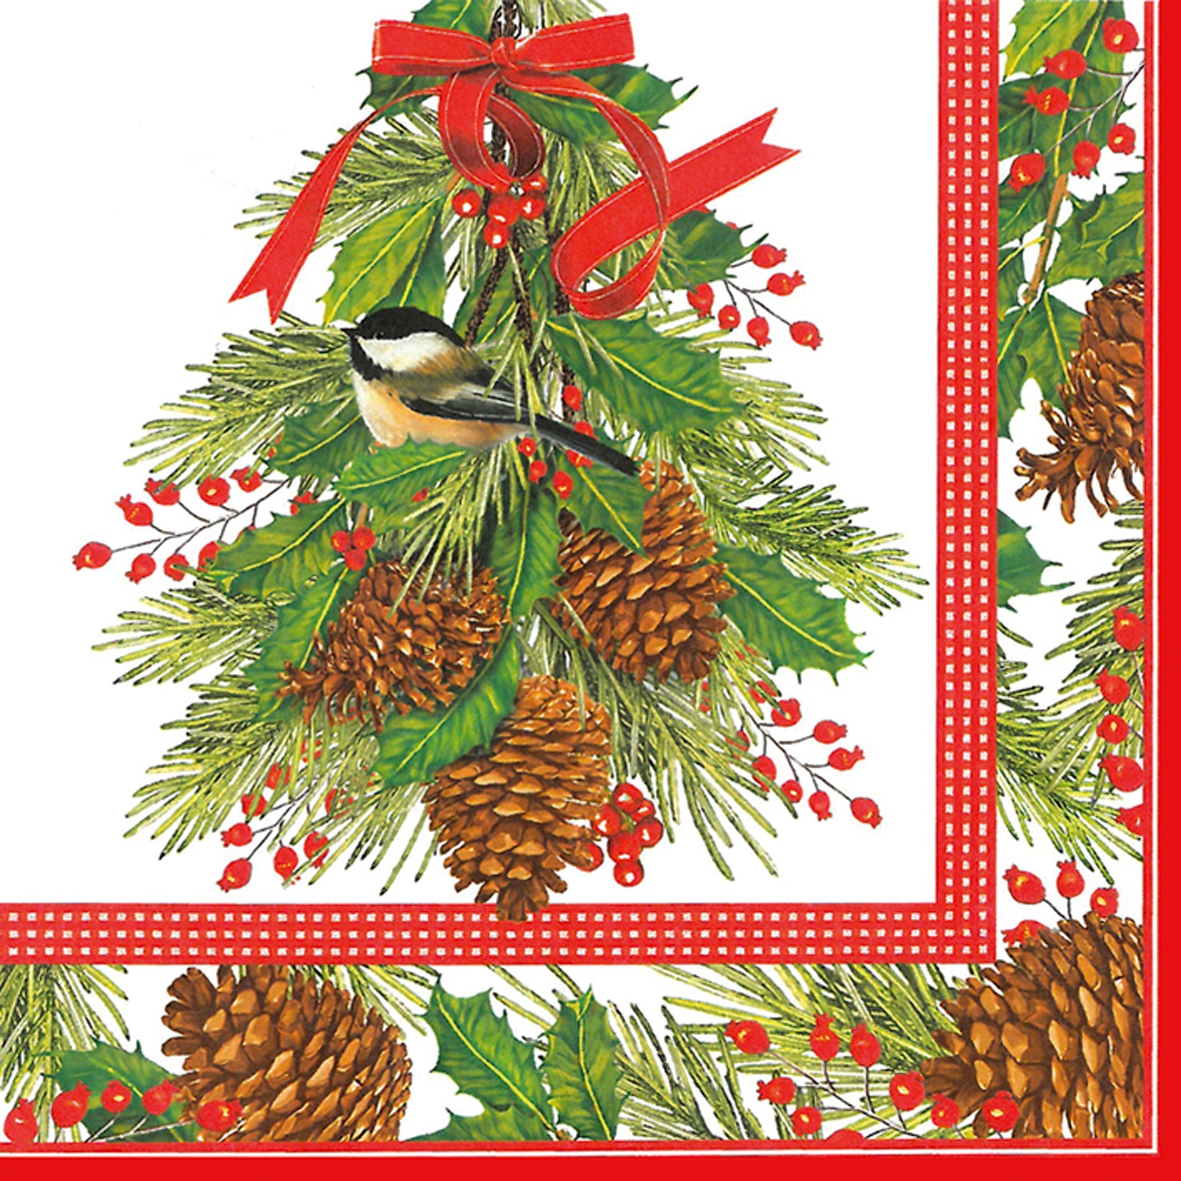 Lunch Servietten Holly and Pine                  ,  Pflanzen - Ilex,  Früchte - Äpfel,  Weihnachten,  lunchservietten,  Zapfen,  Ilex